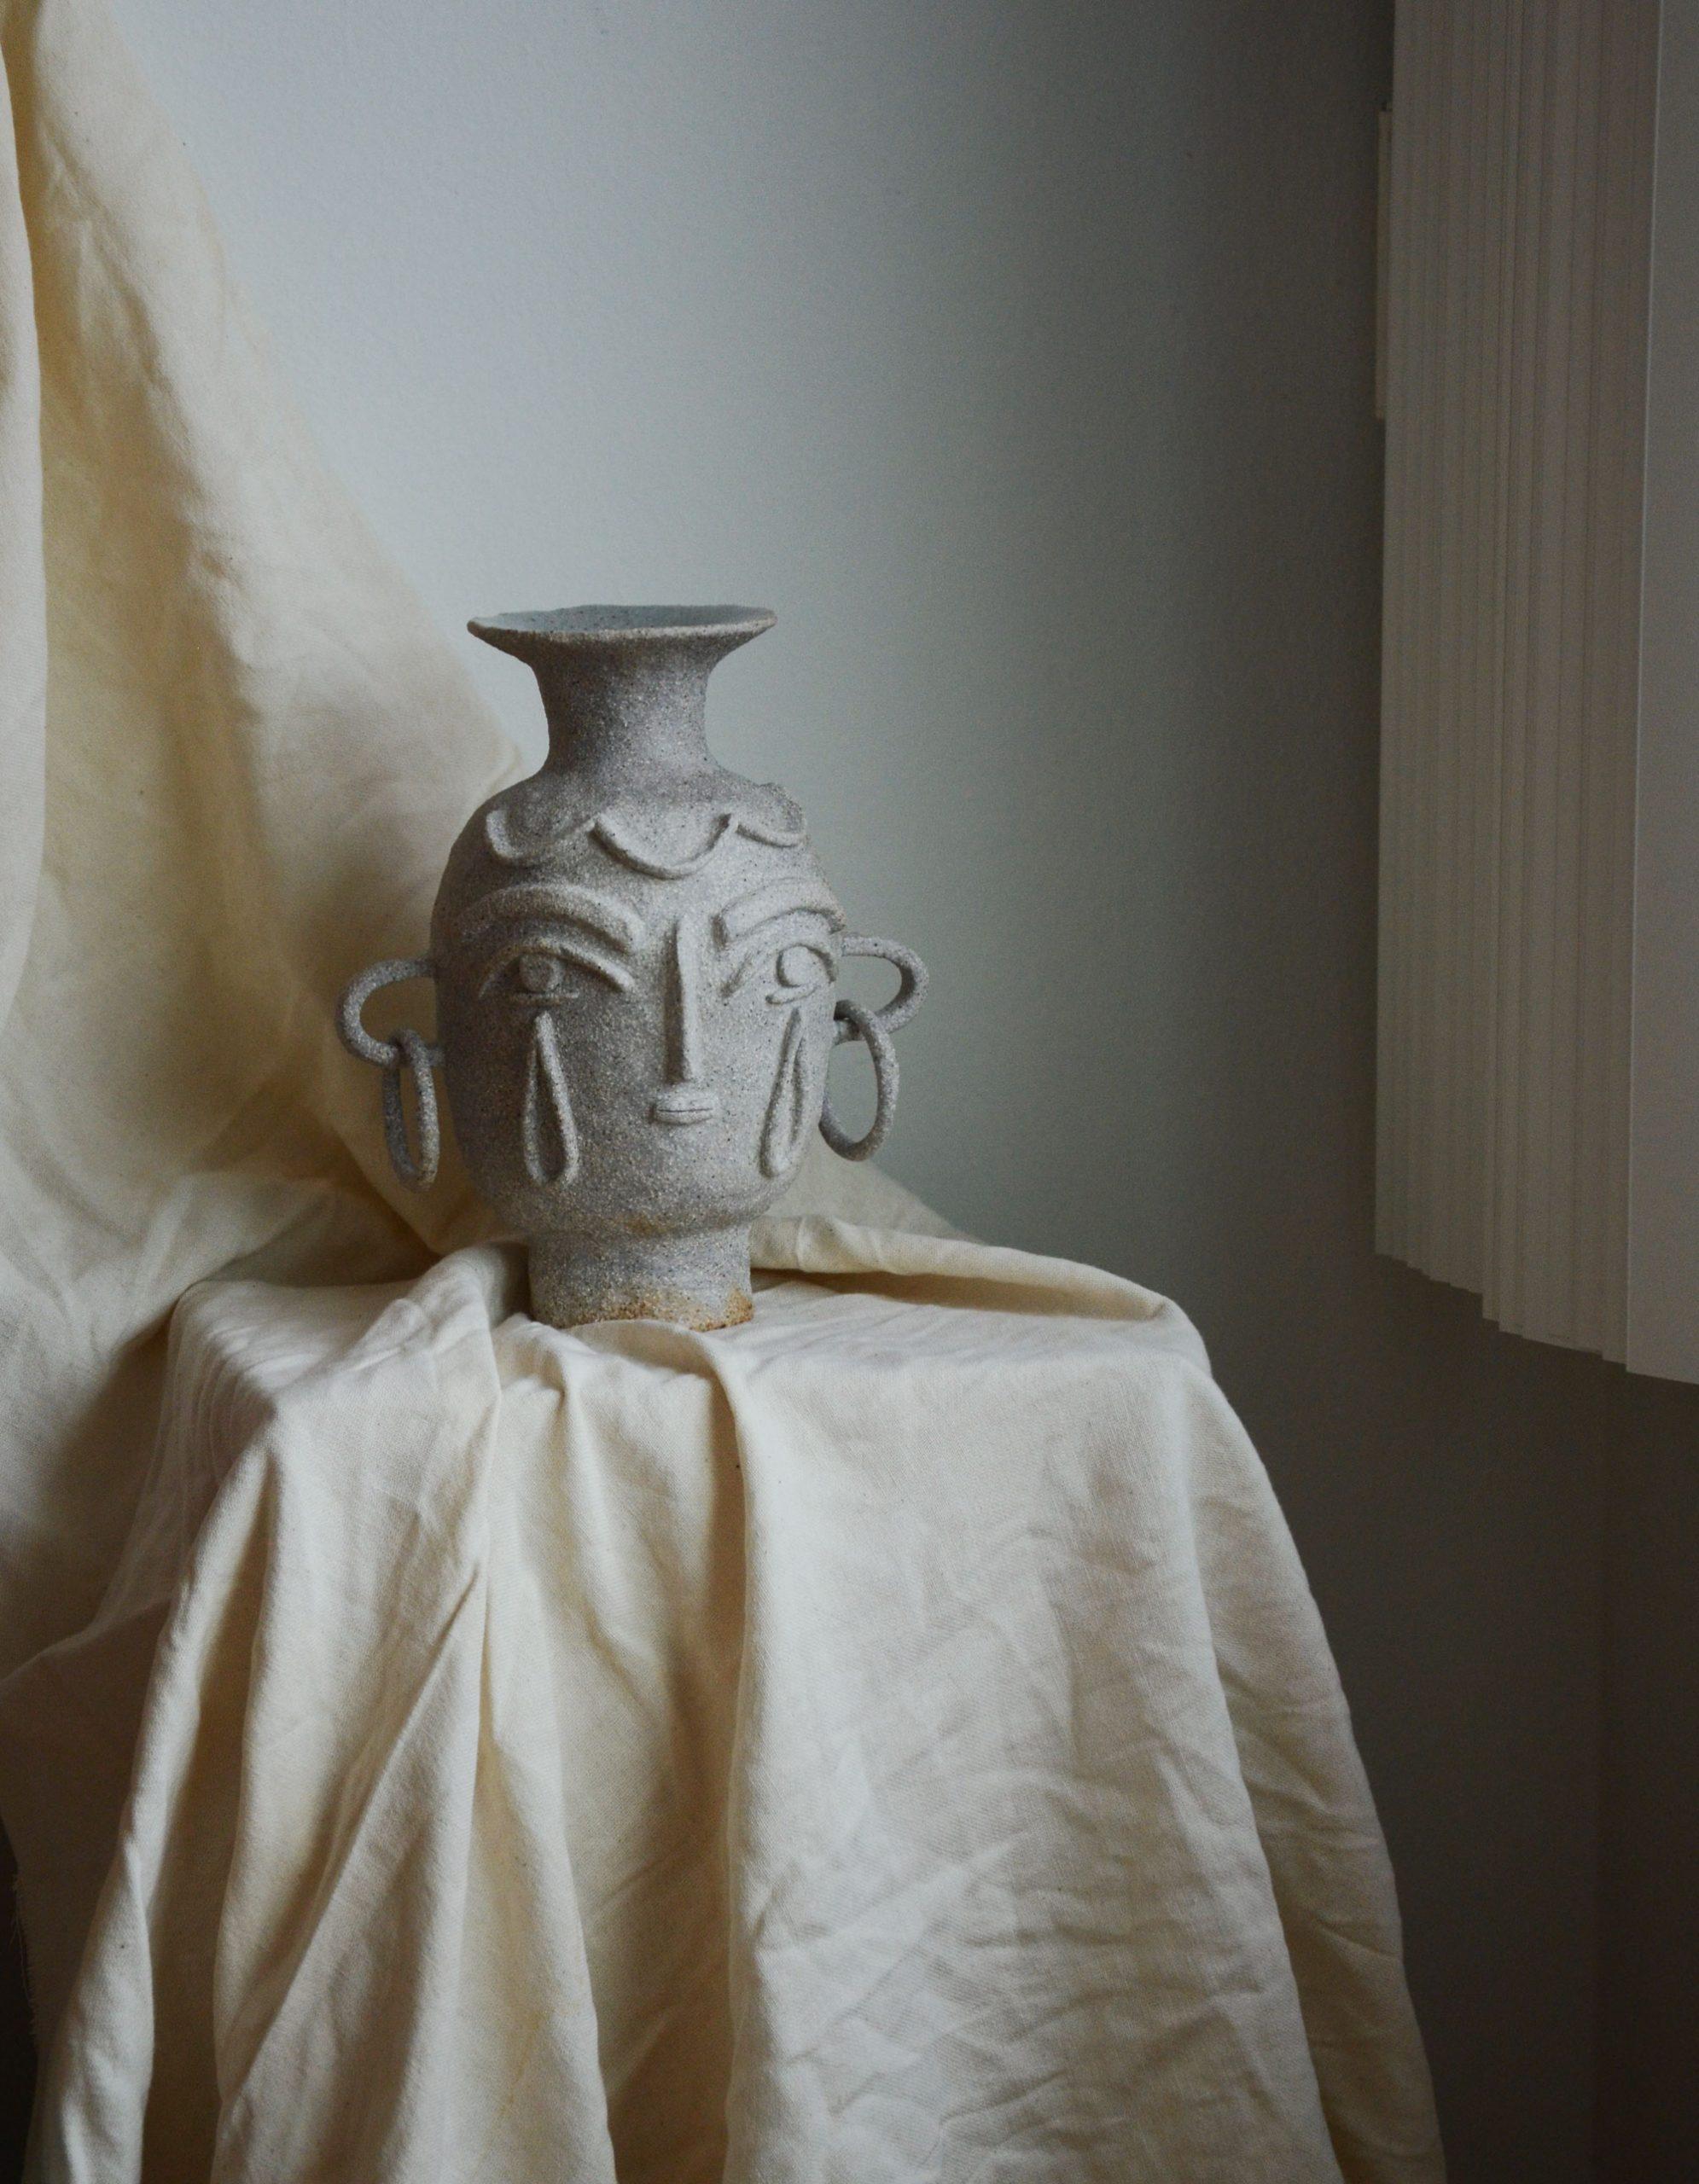 Ceramic vase head